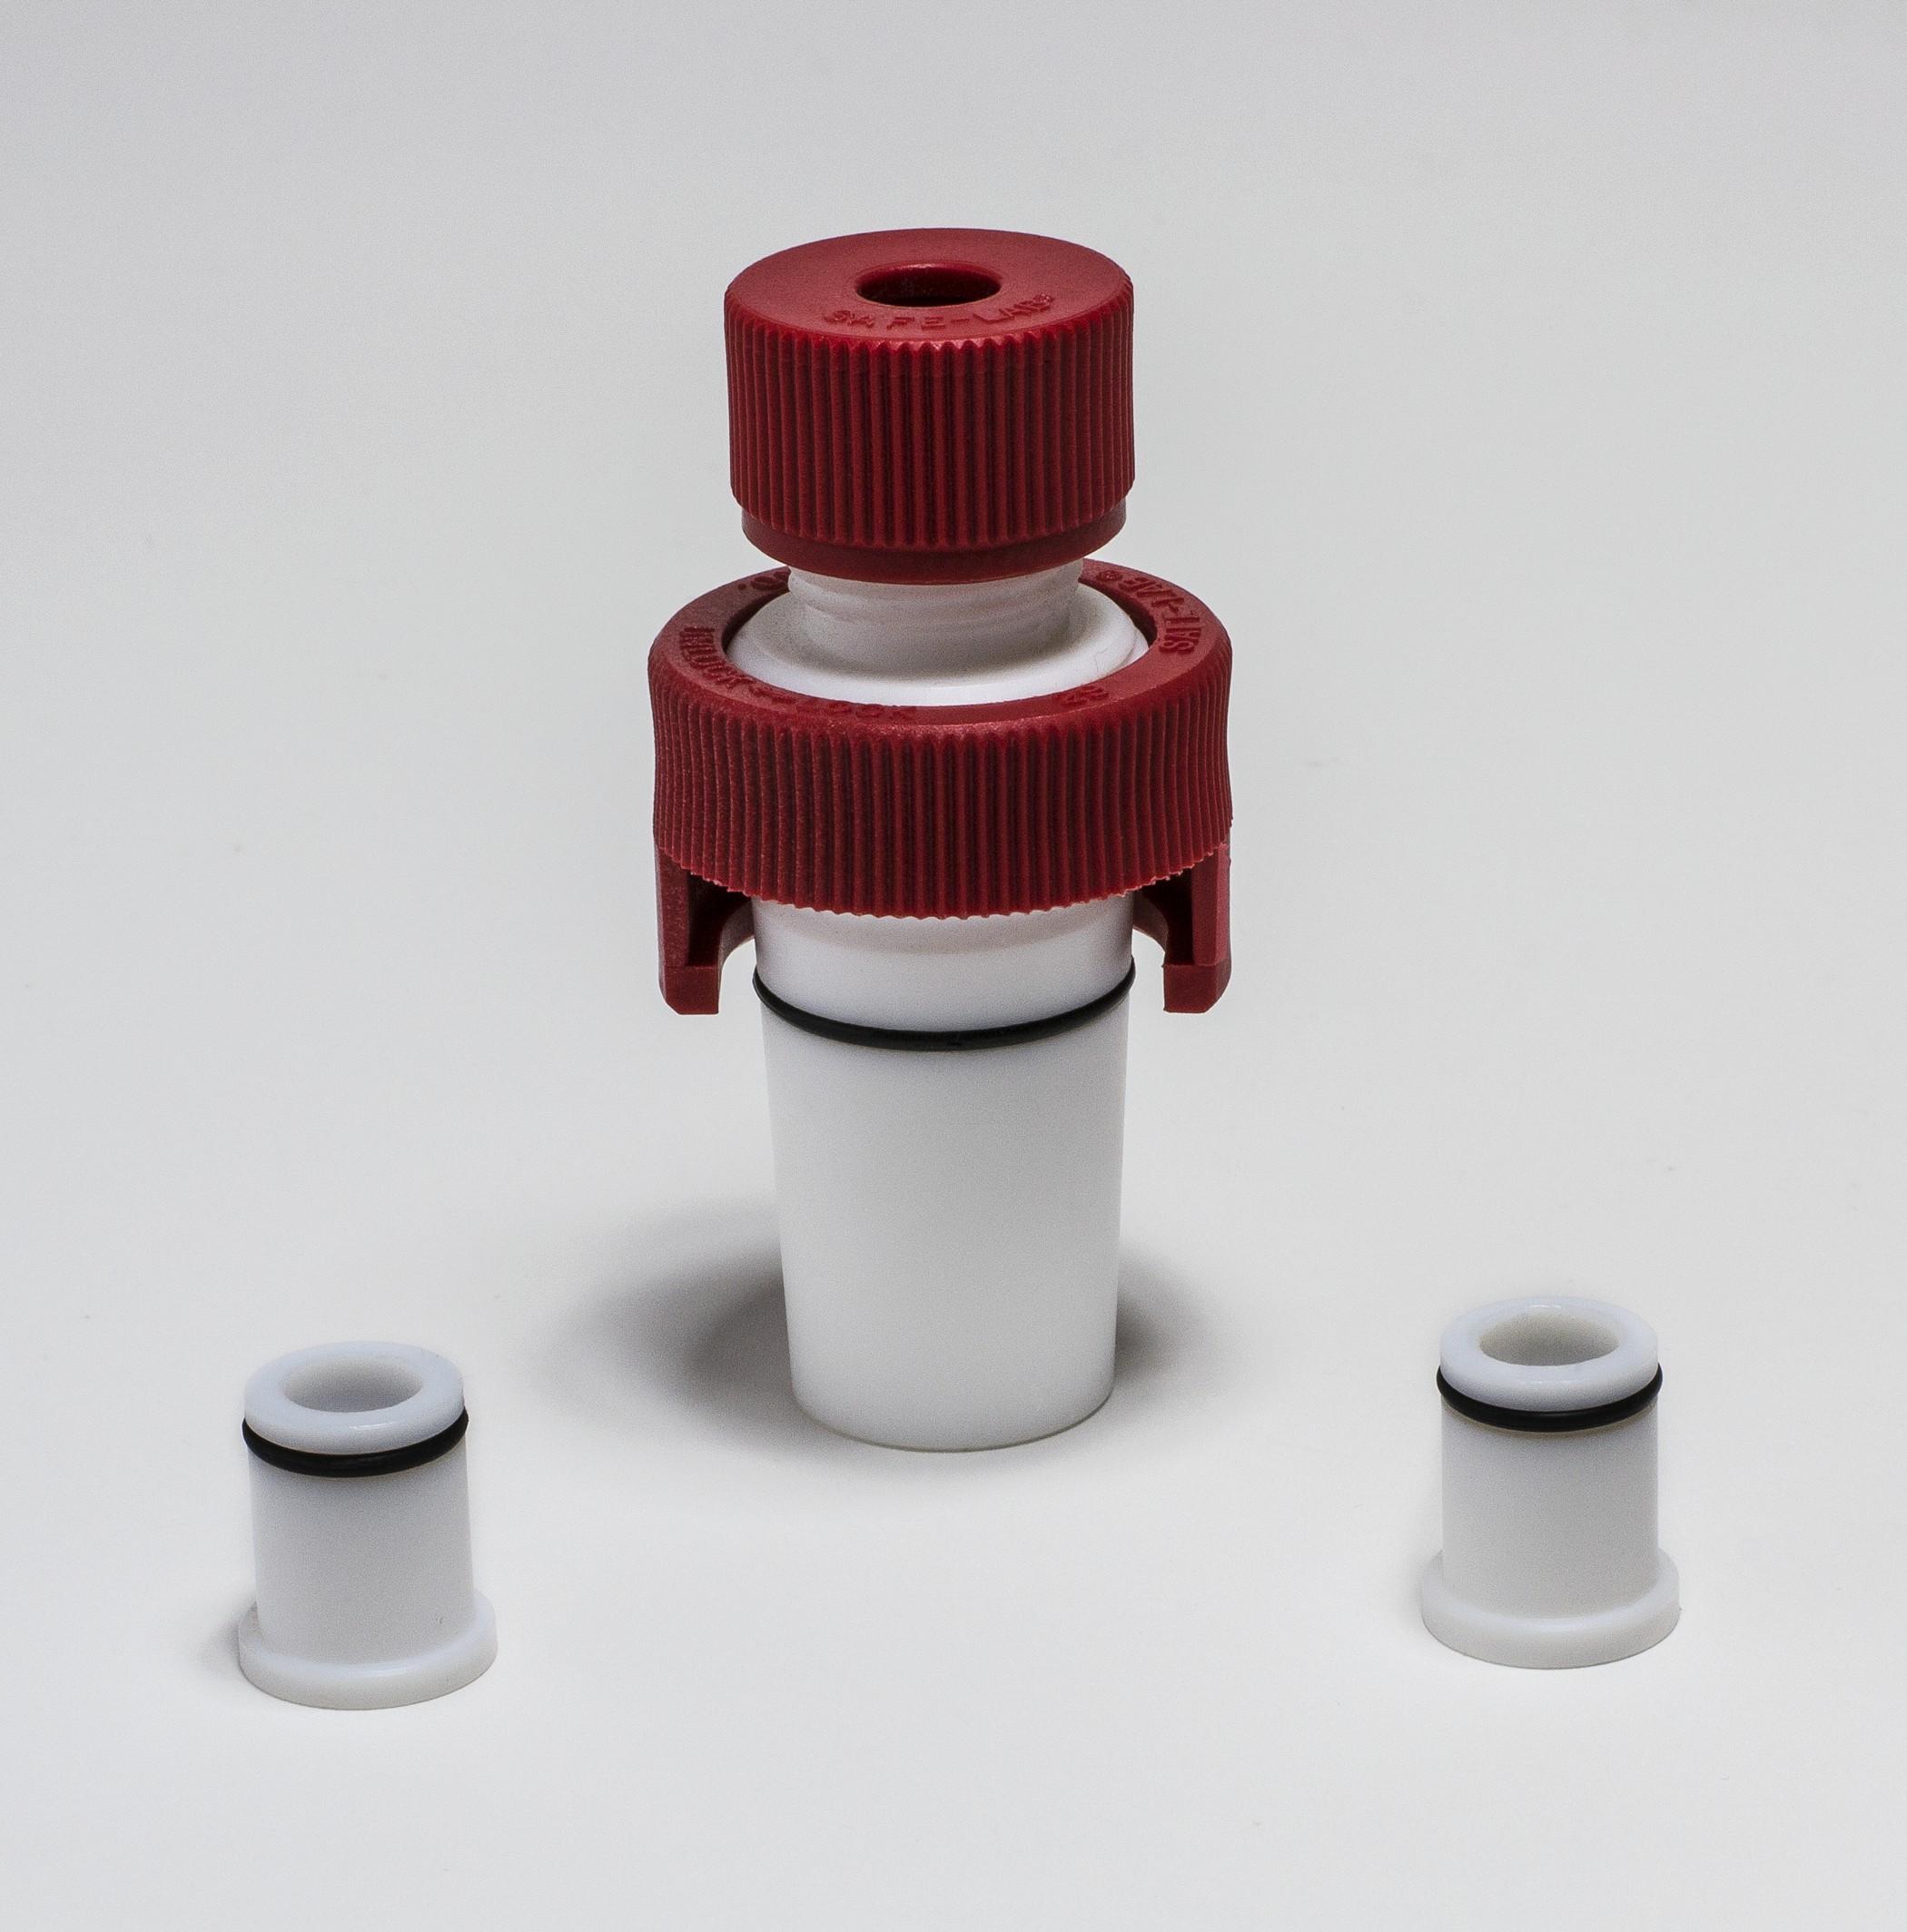 Bel-Art Safe-Lab Stirrer Bearing for 29/42 Tapered Joints